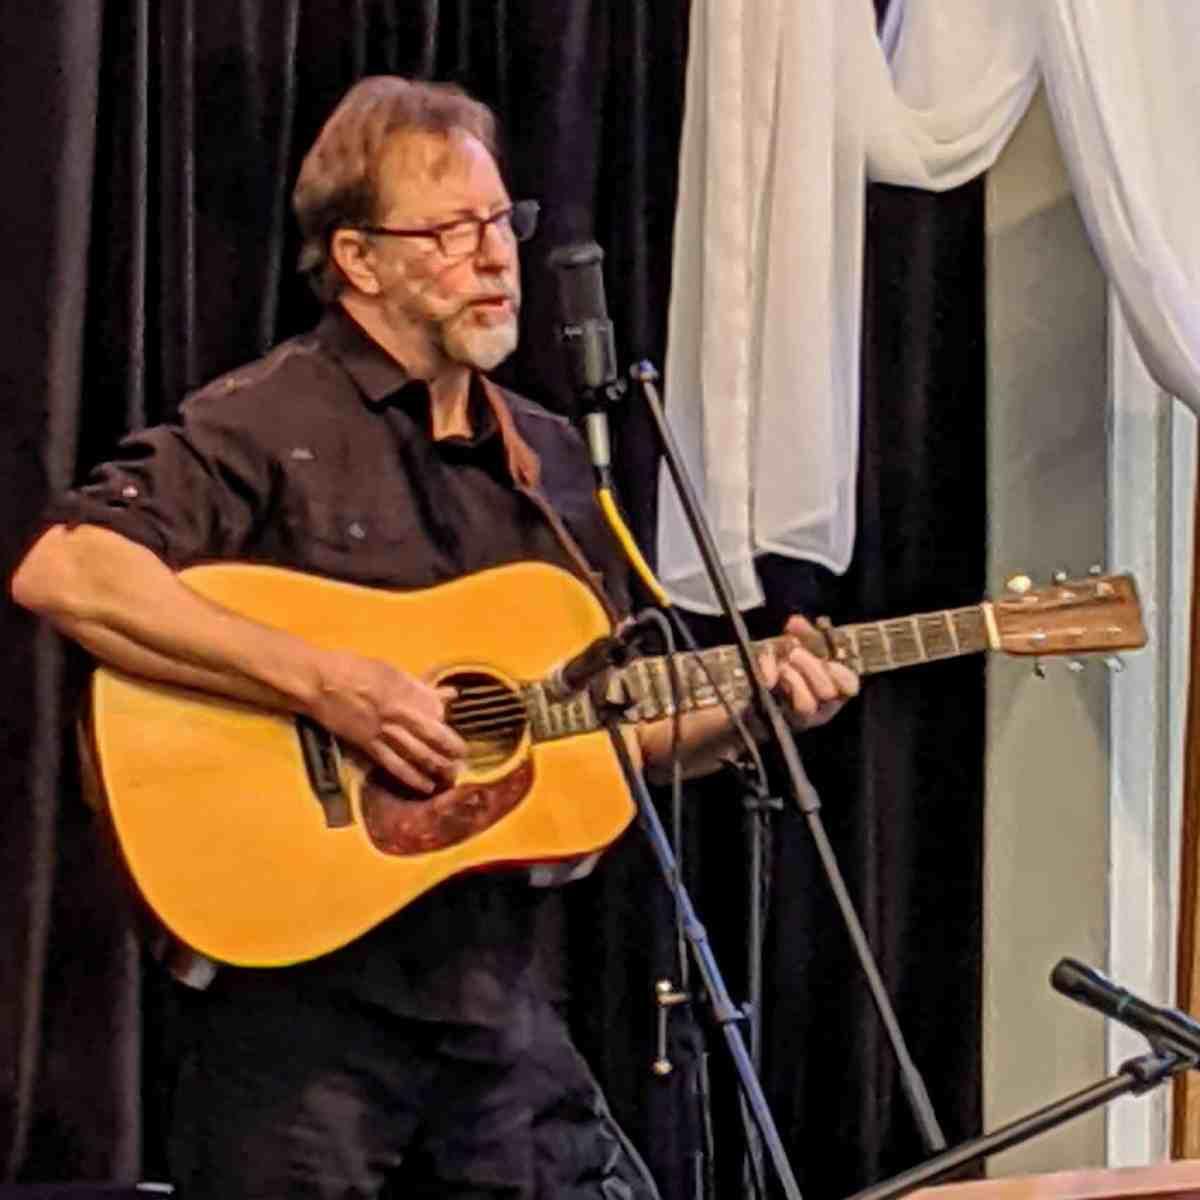 Charles Pettee sings at Raleigh Mennonite Nov. 10, 2019